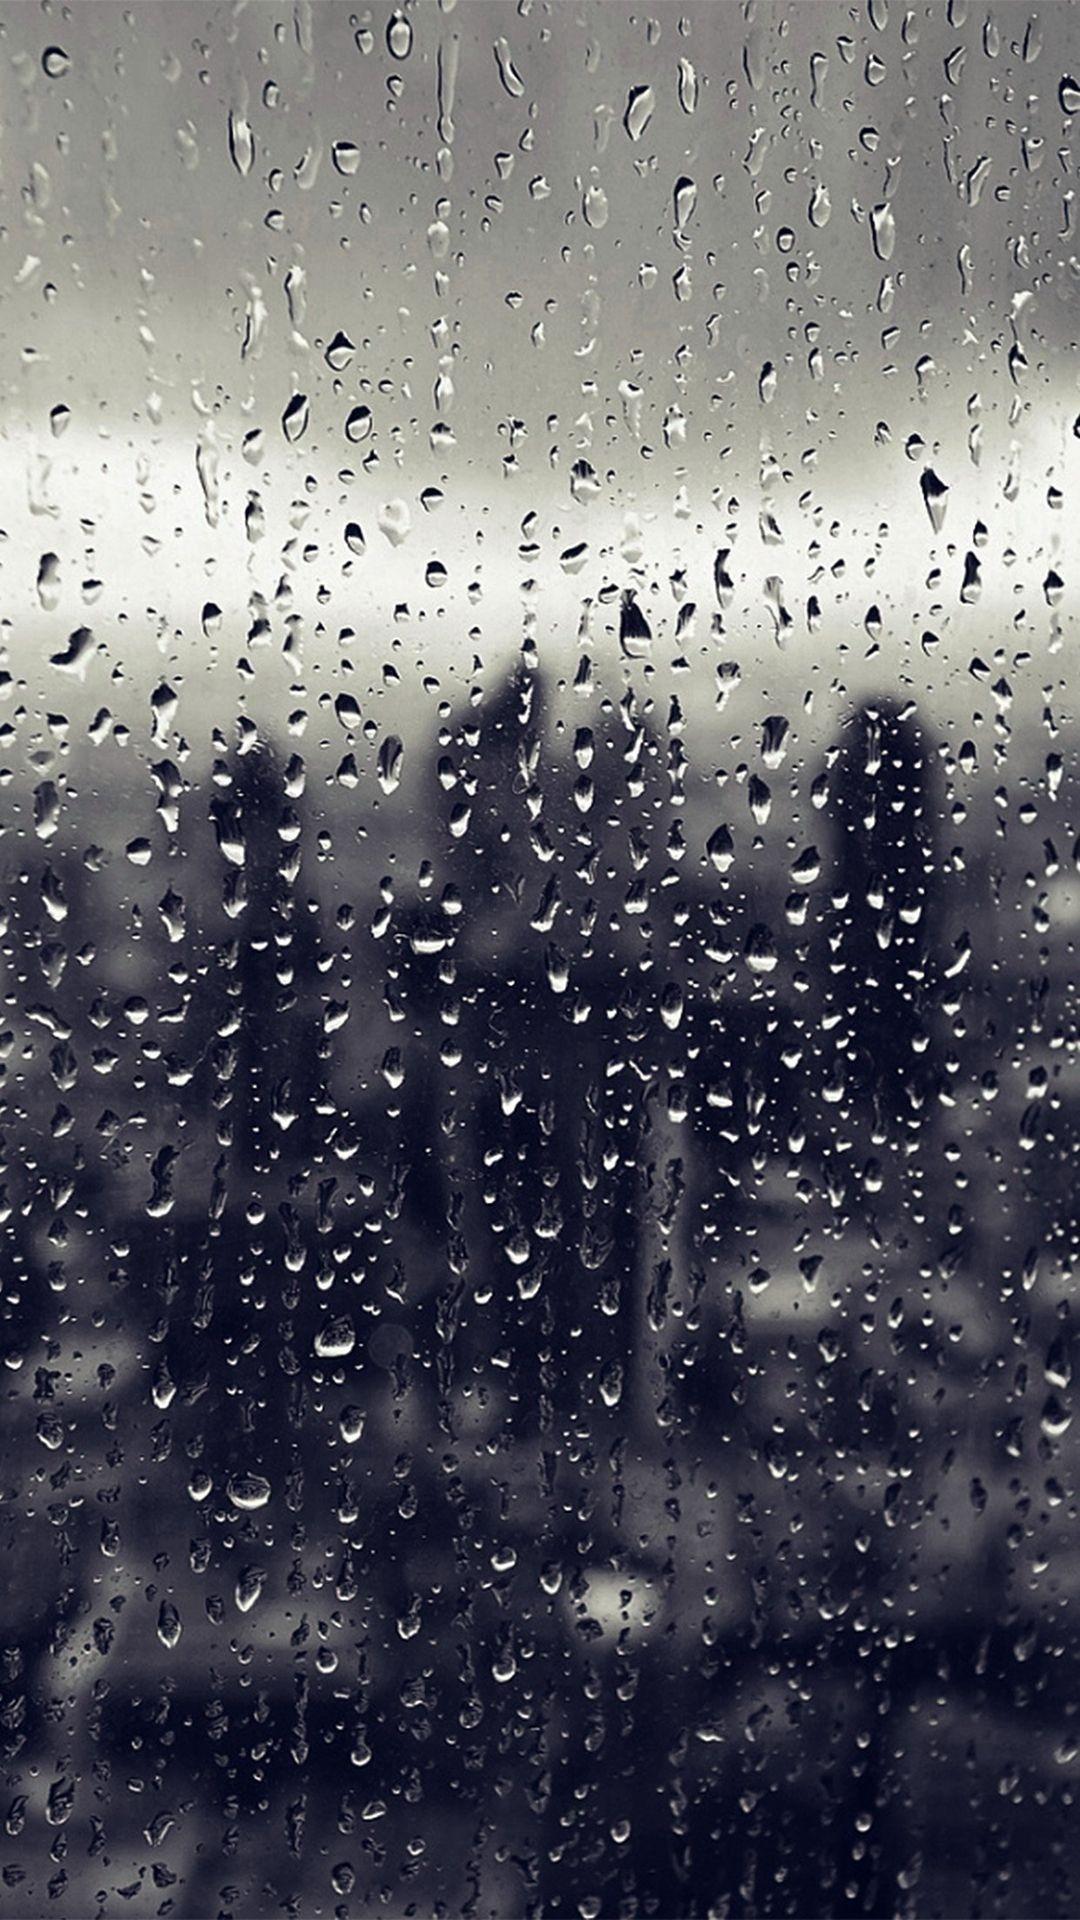 Unduh 550 Wallpaper 3d Rain Foto Gratis Terbaru